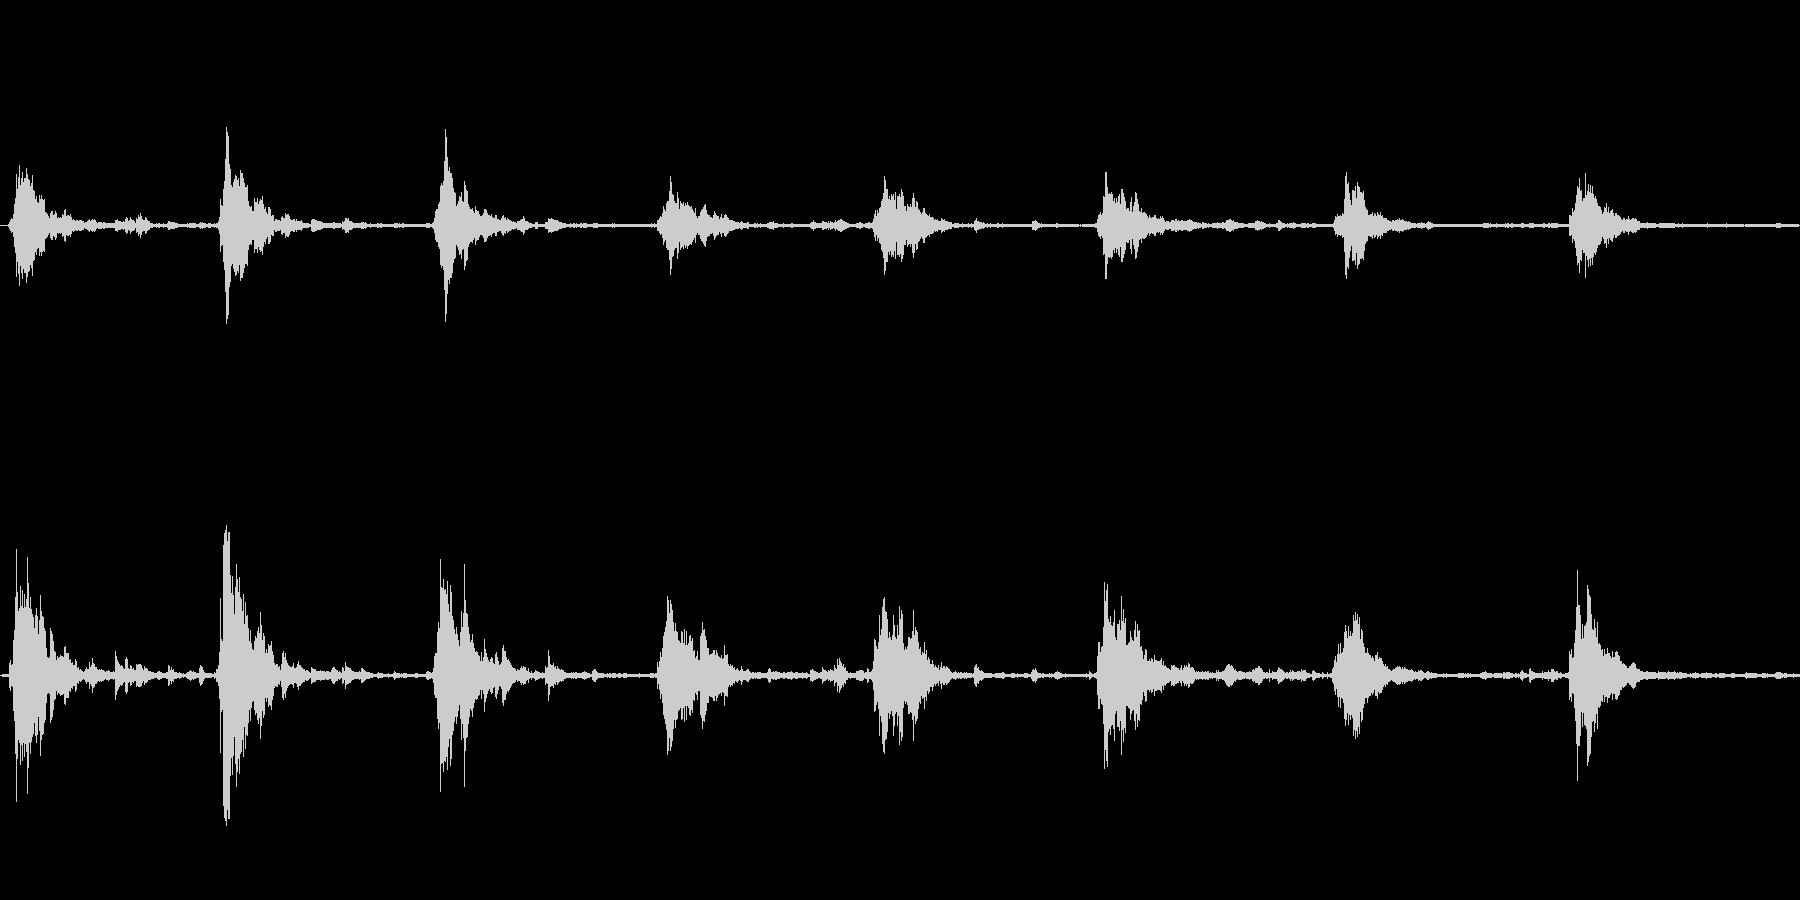 スレイベルの音の未再生の波形